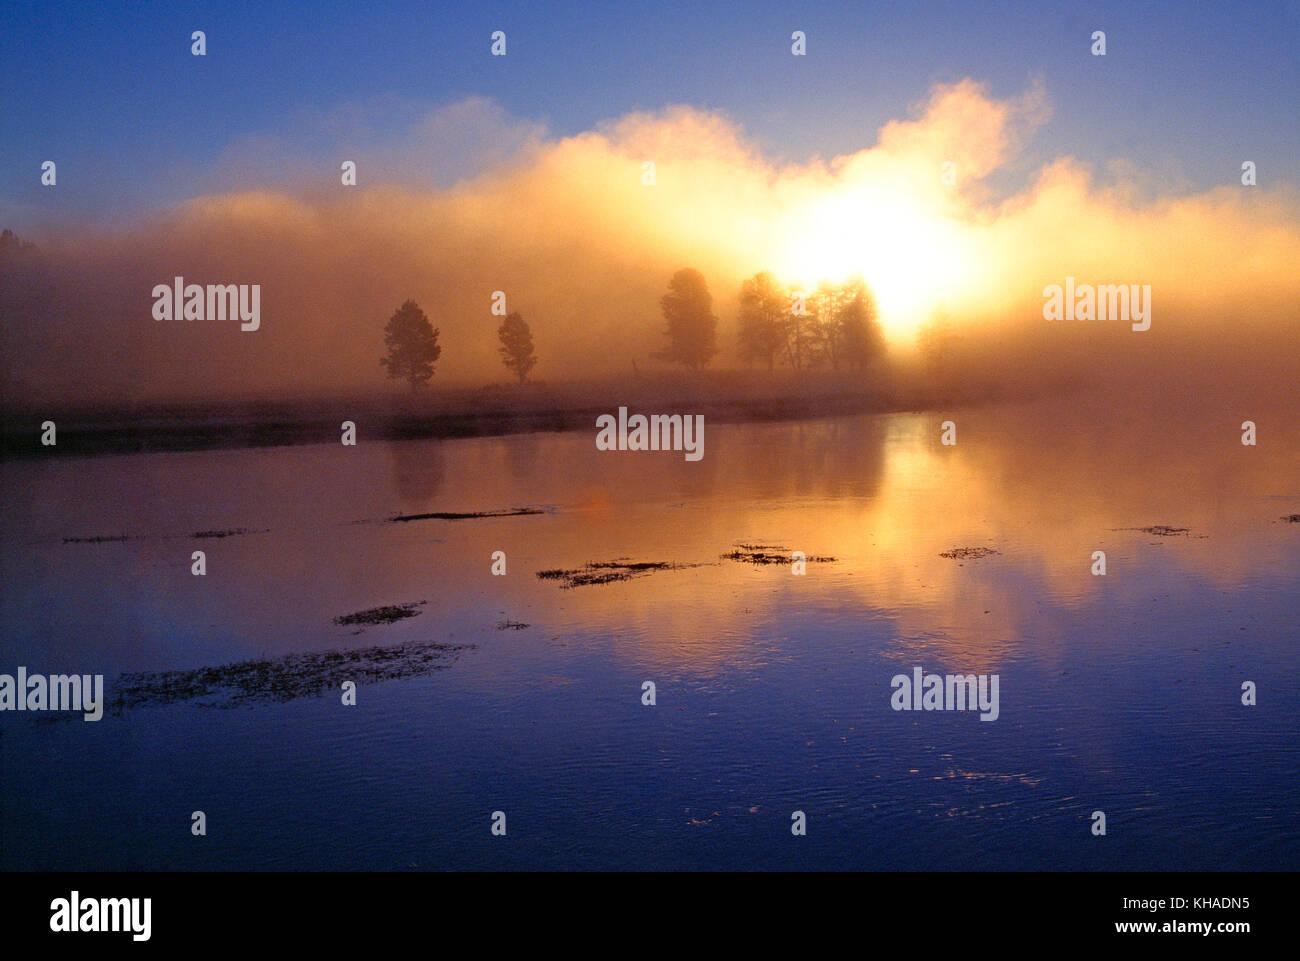 Stati Uniti d'America wyoming. Il parco nazionale di Yellowstone. misty sunrise su allume creek. Immagini Stock